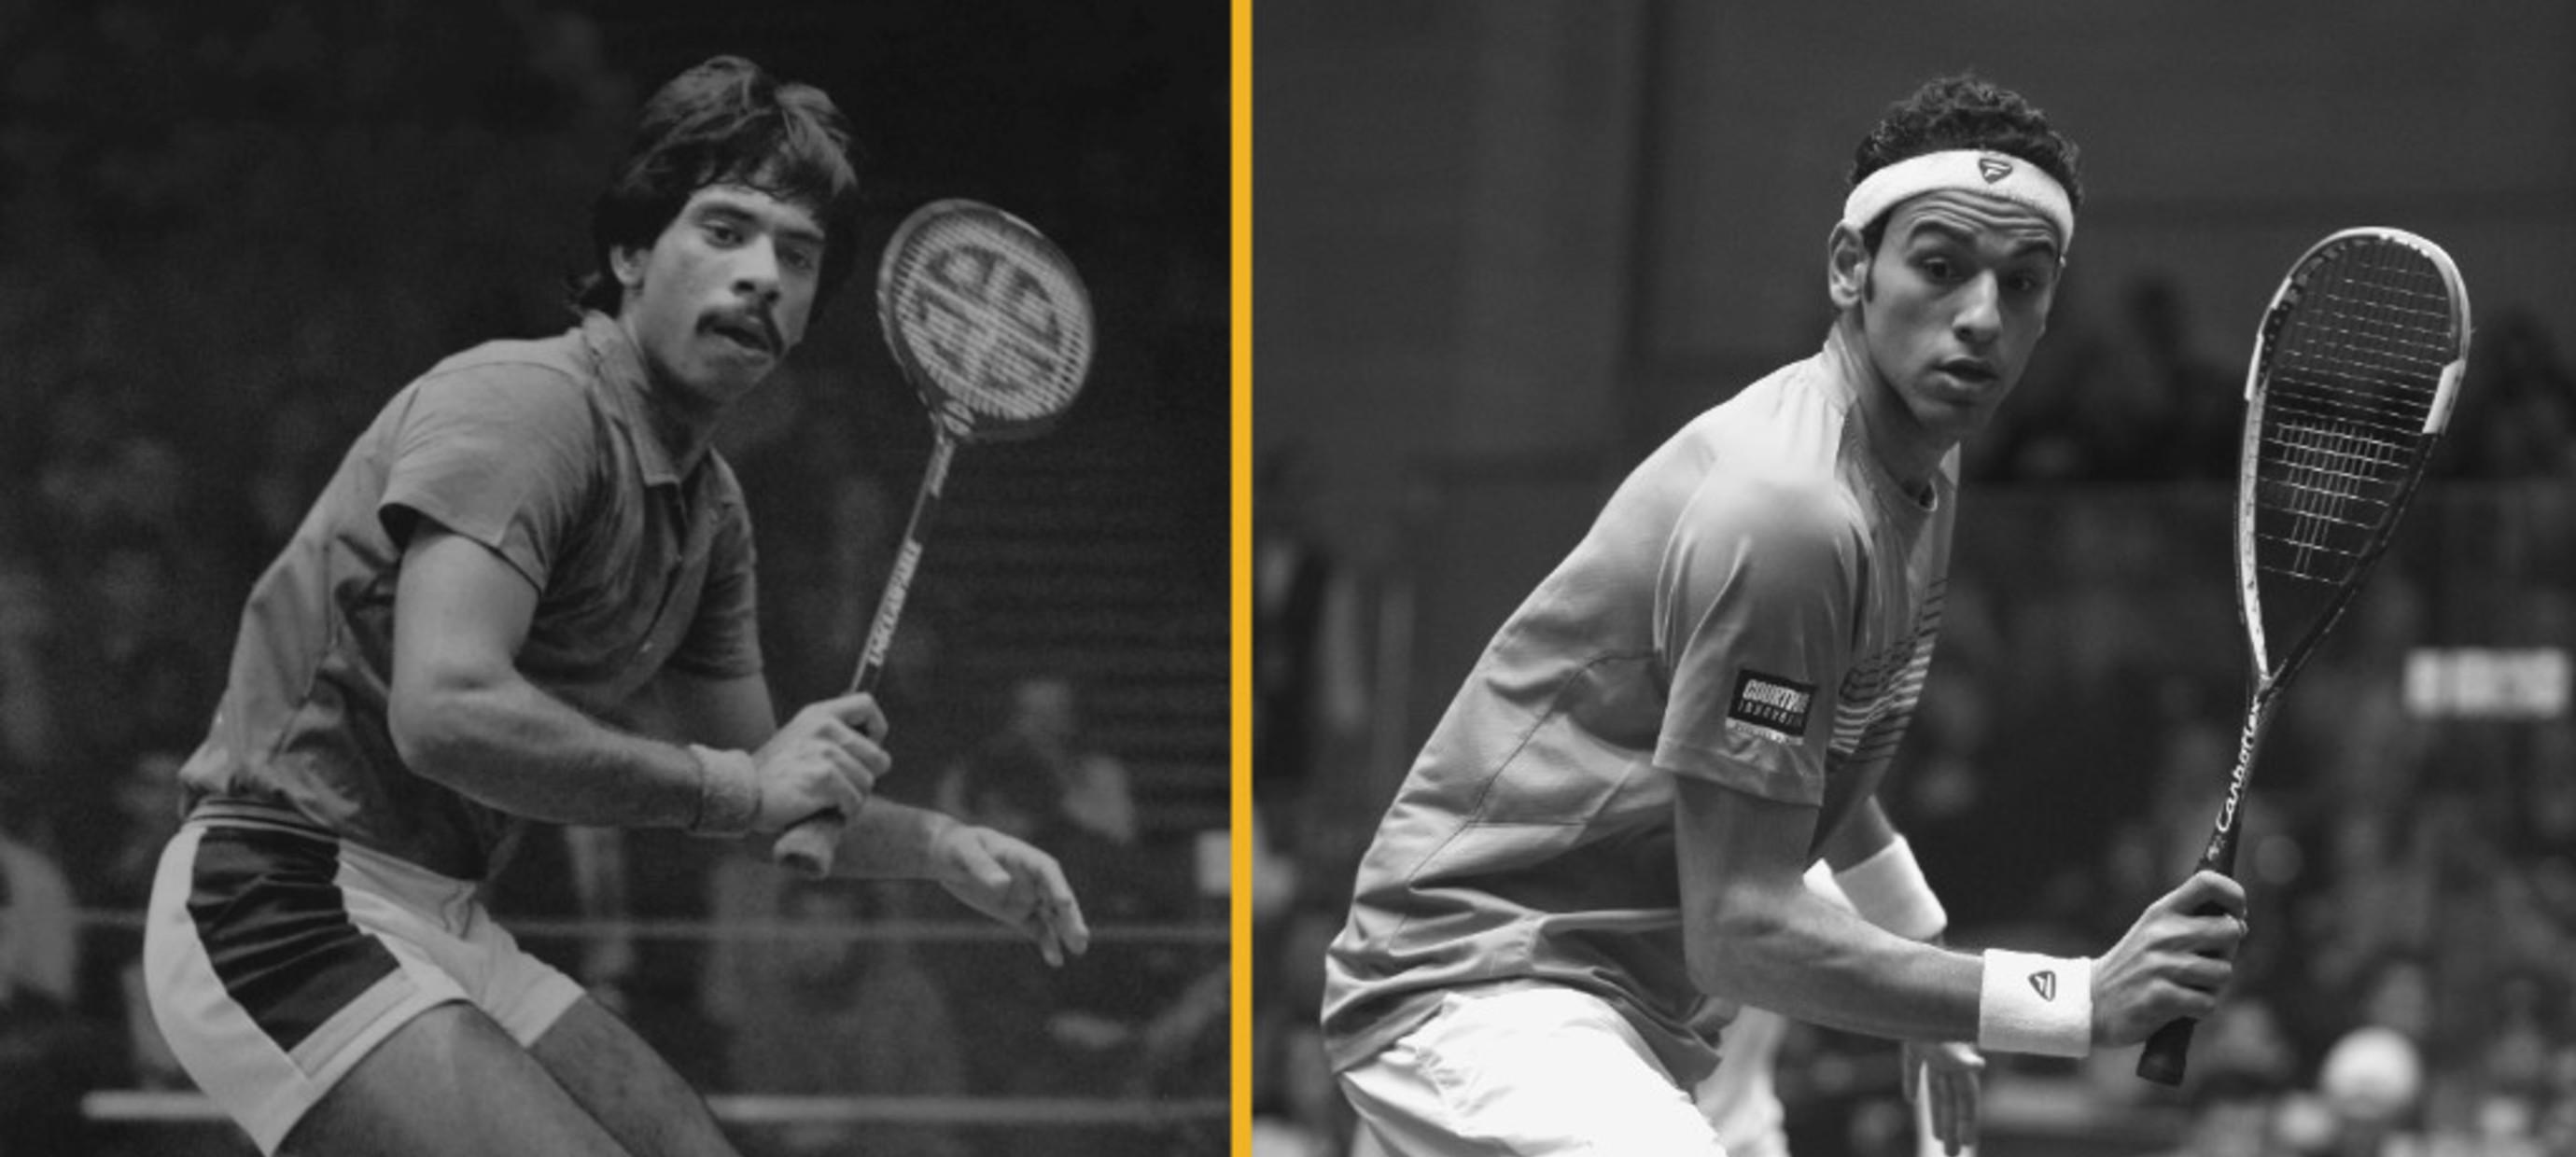 Van hout naar grafiet - De evolutie van squashrackets